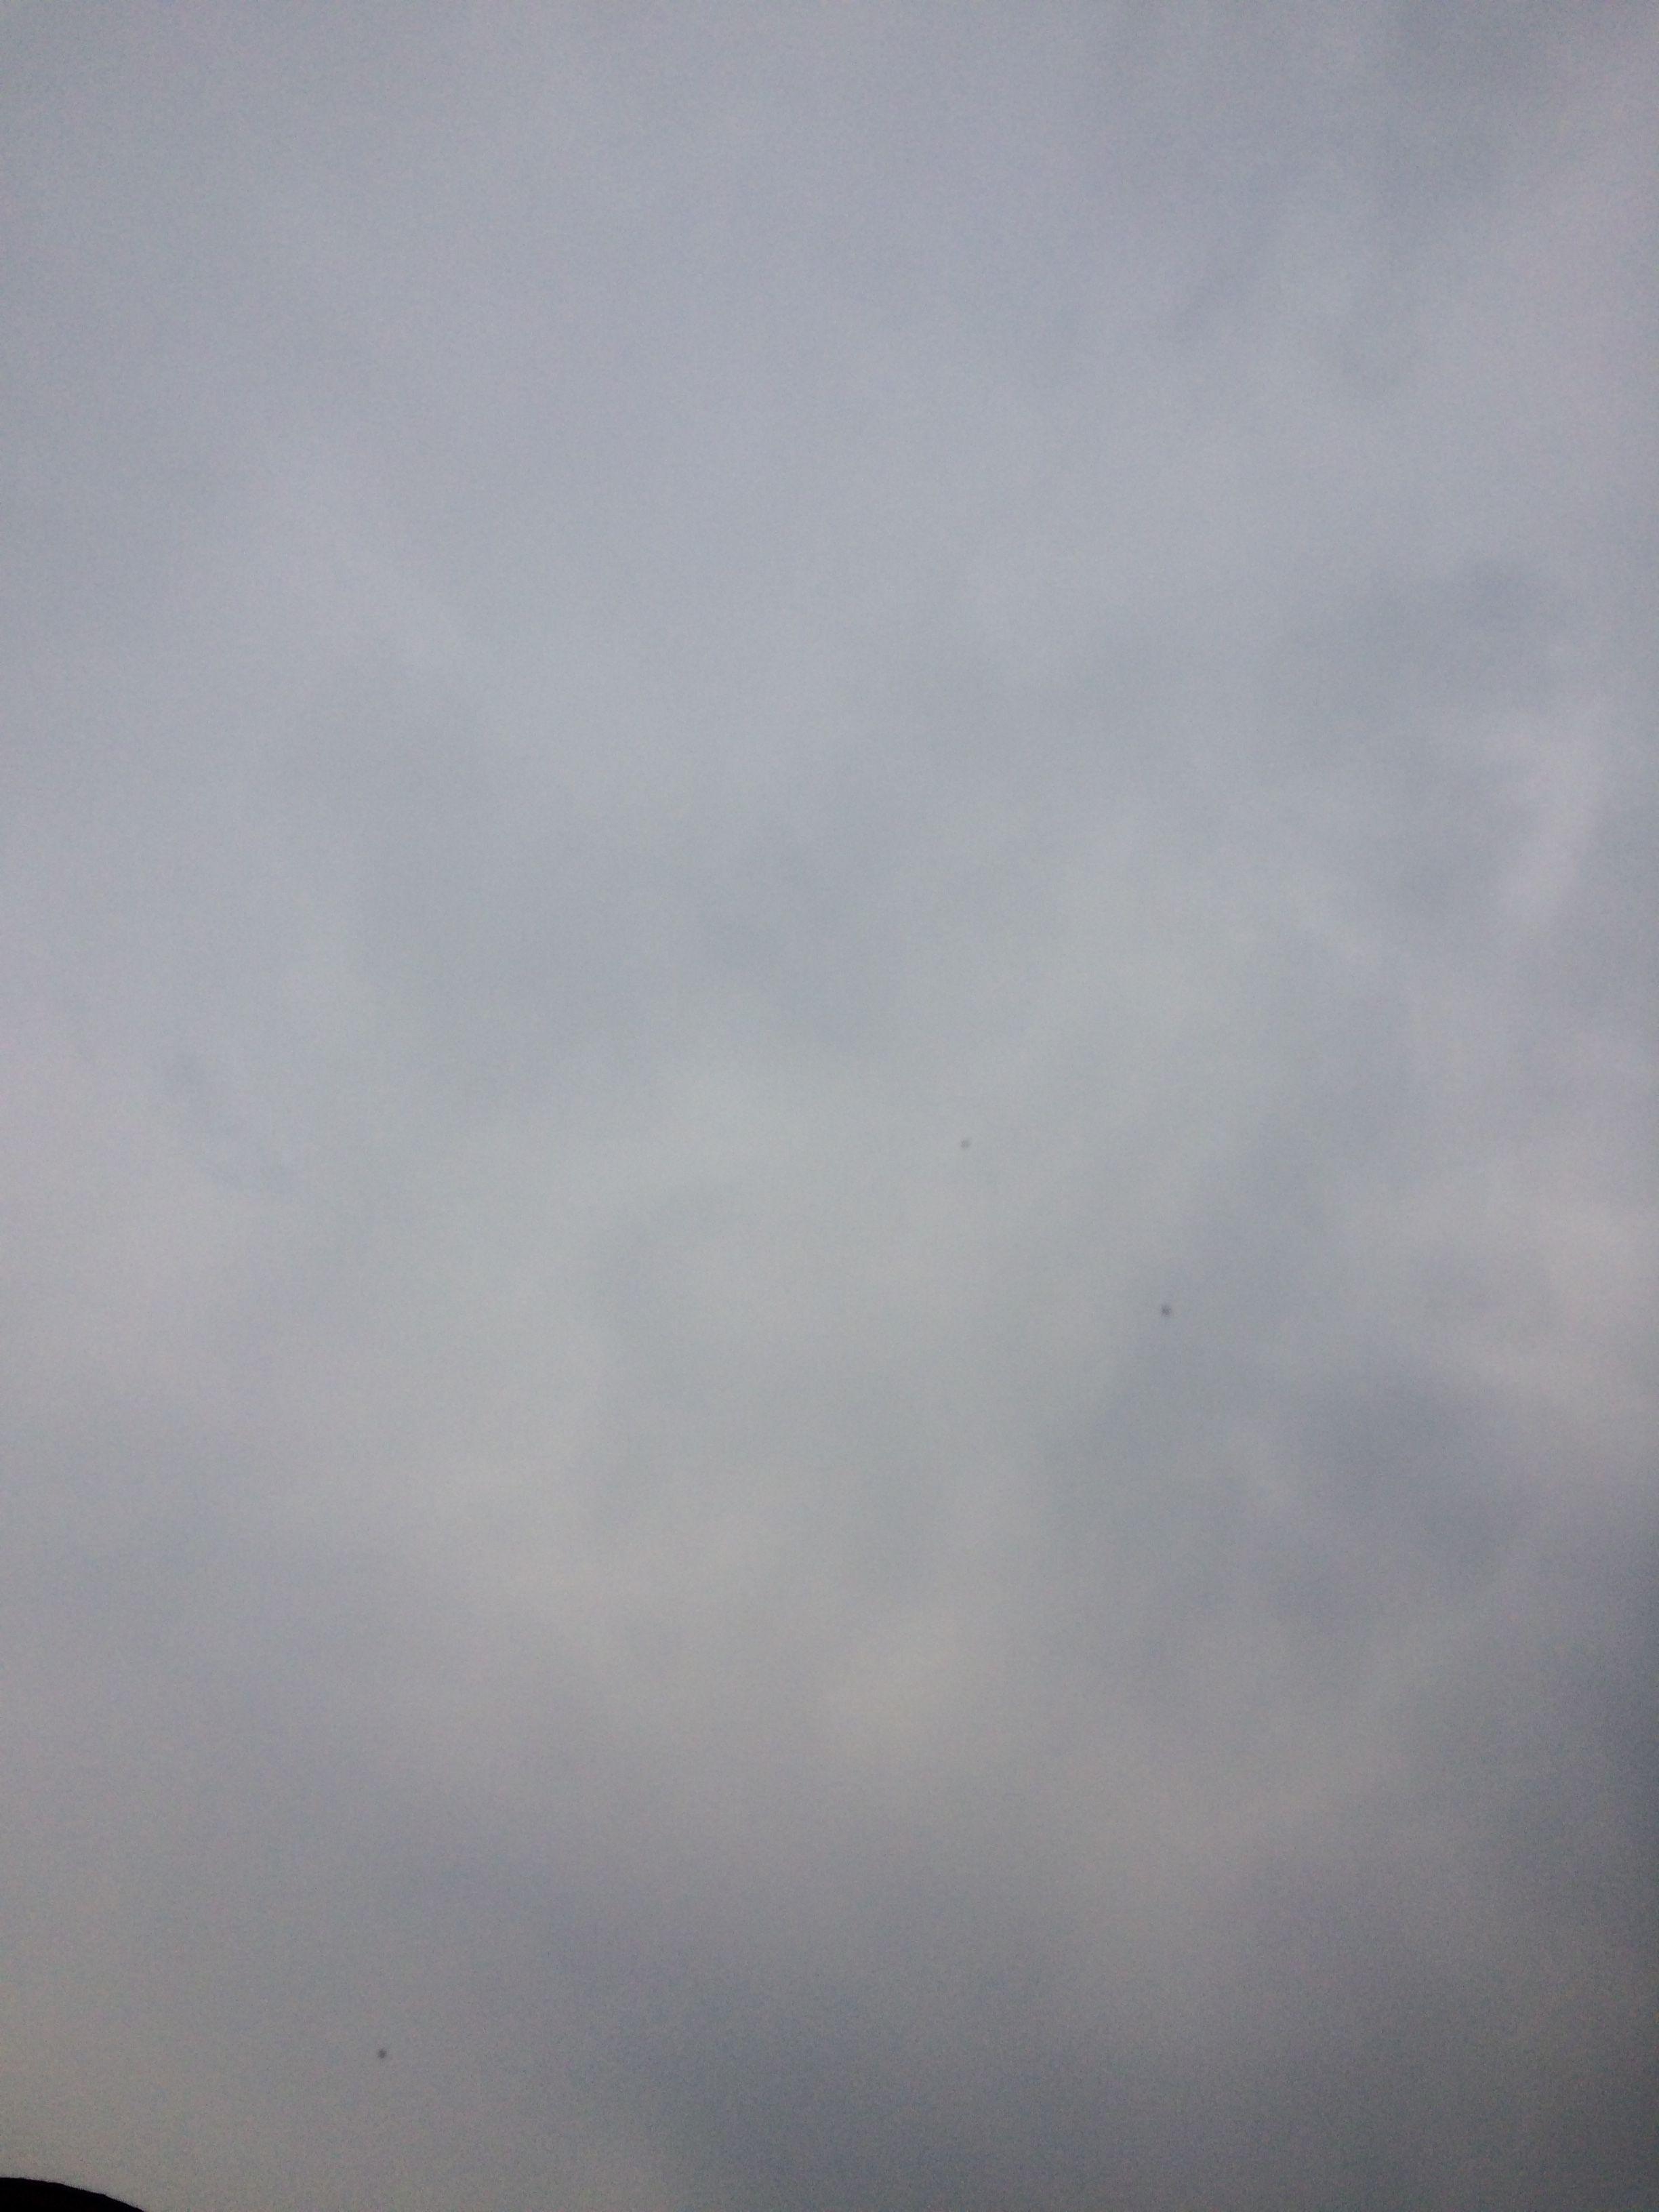 2017년 4월 25일의 하늘 #sky #cloud